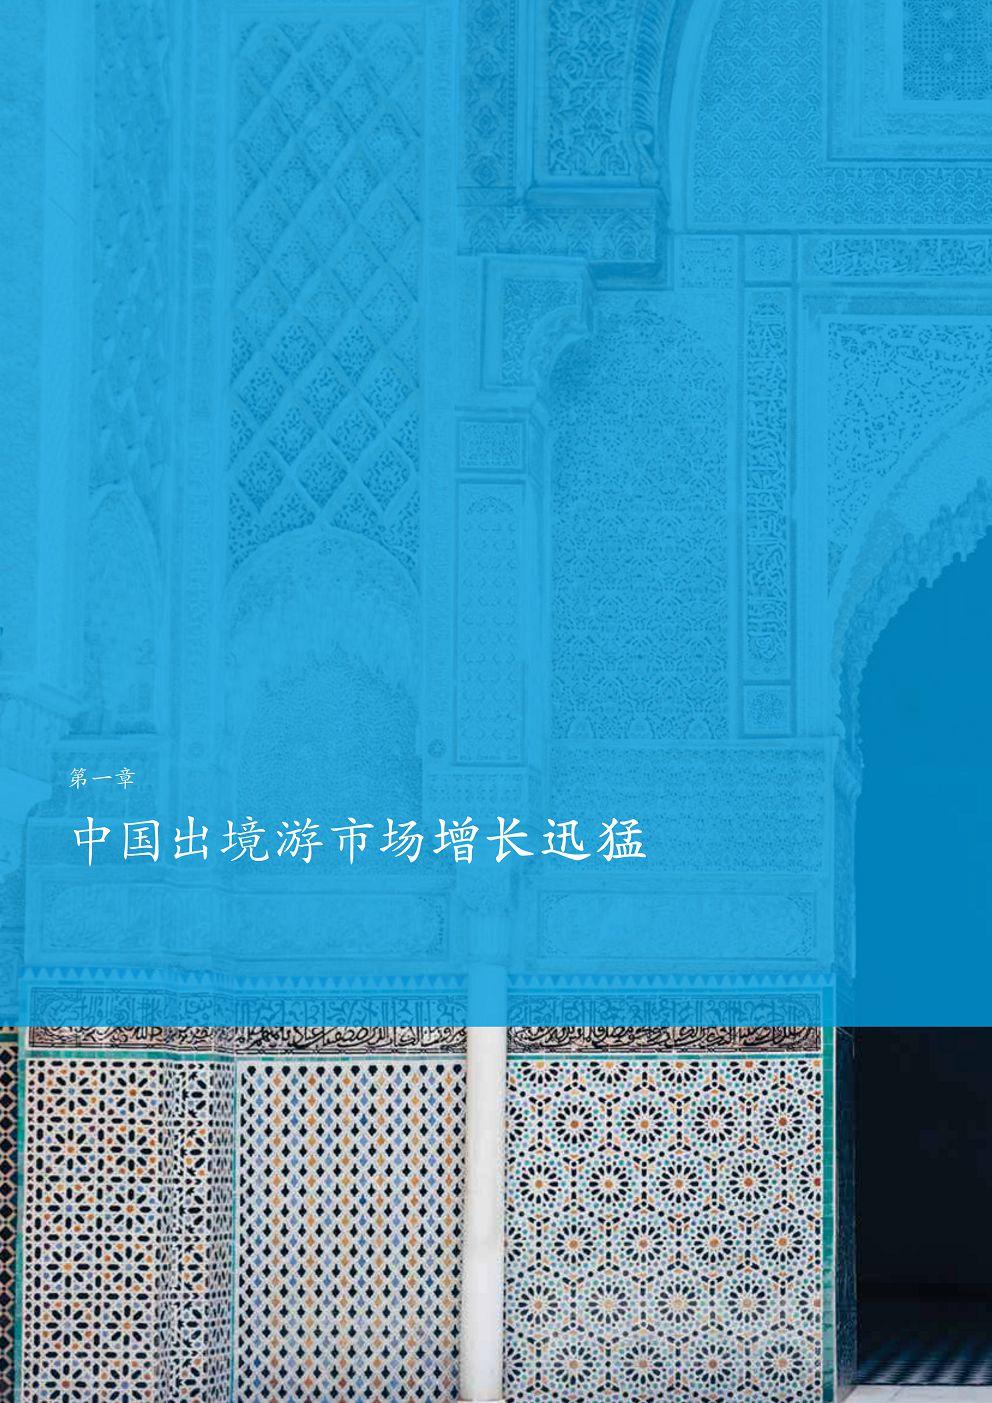 McK_China-tourism-report-2018_CN06